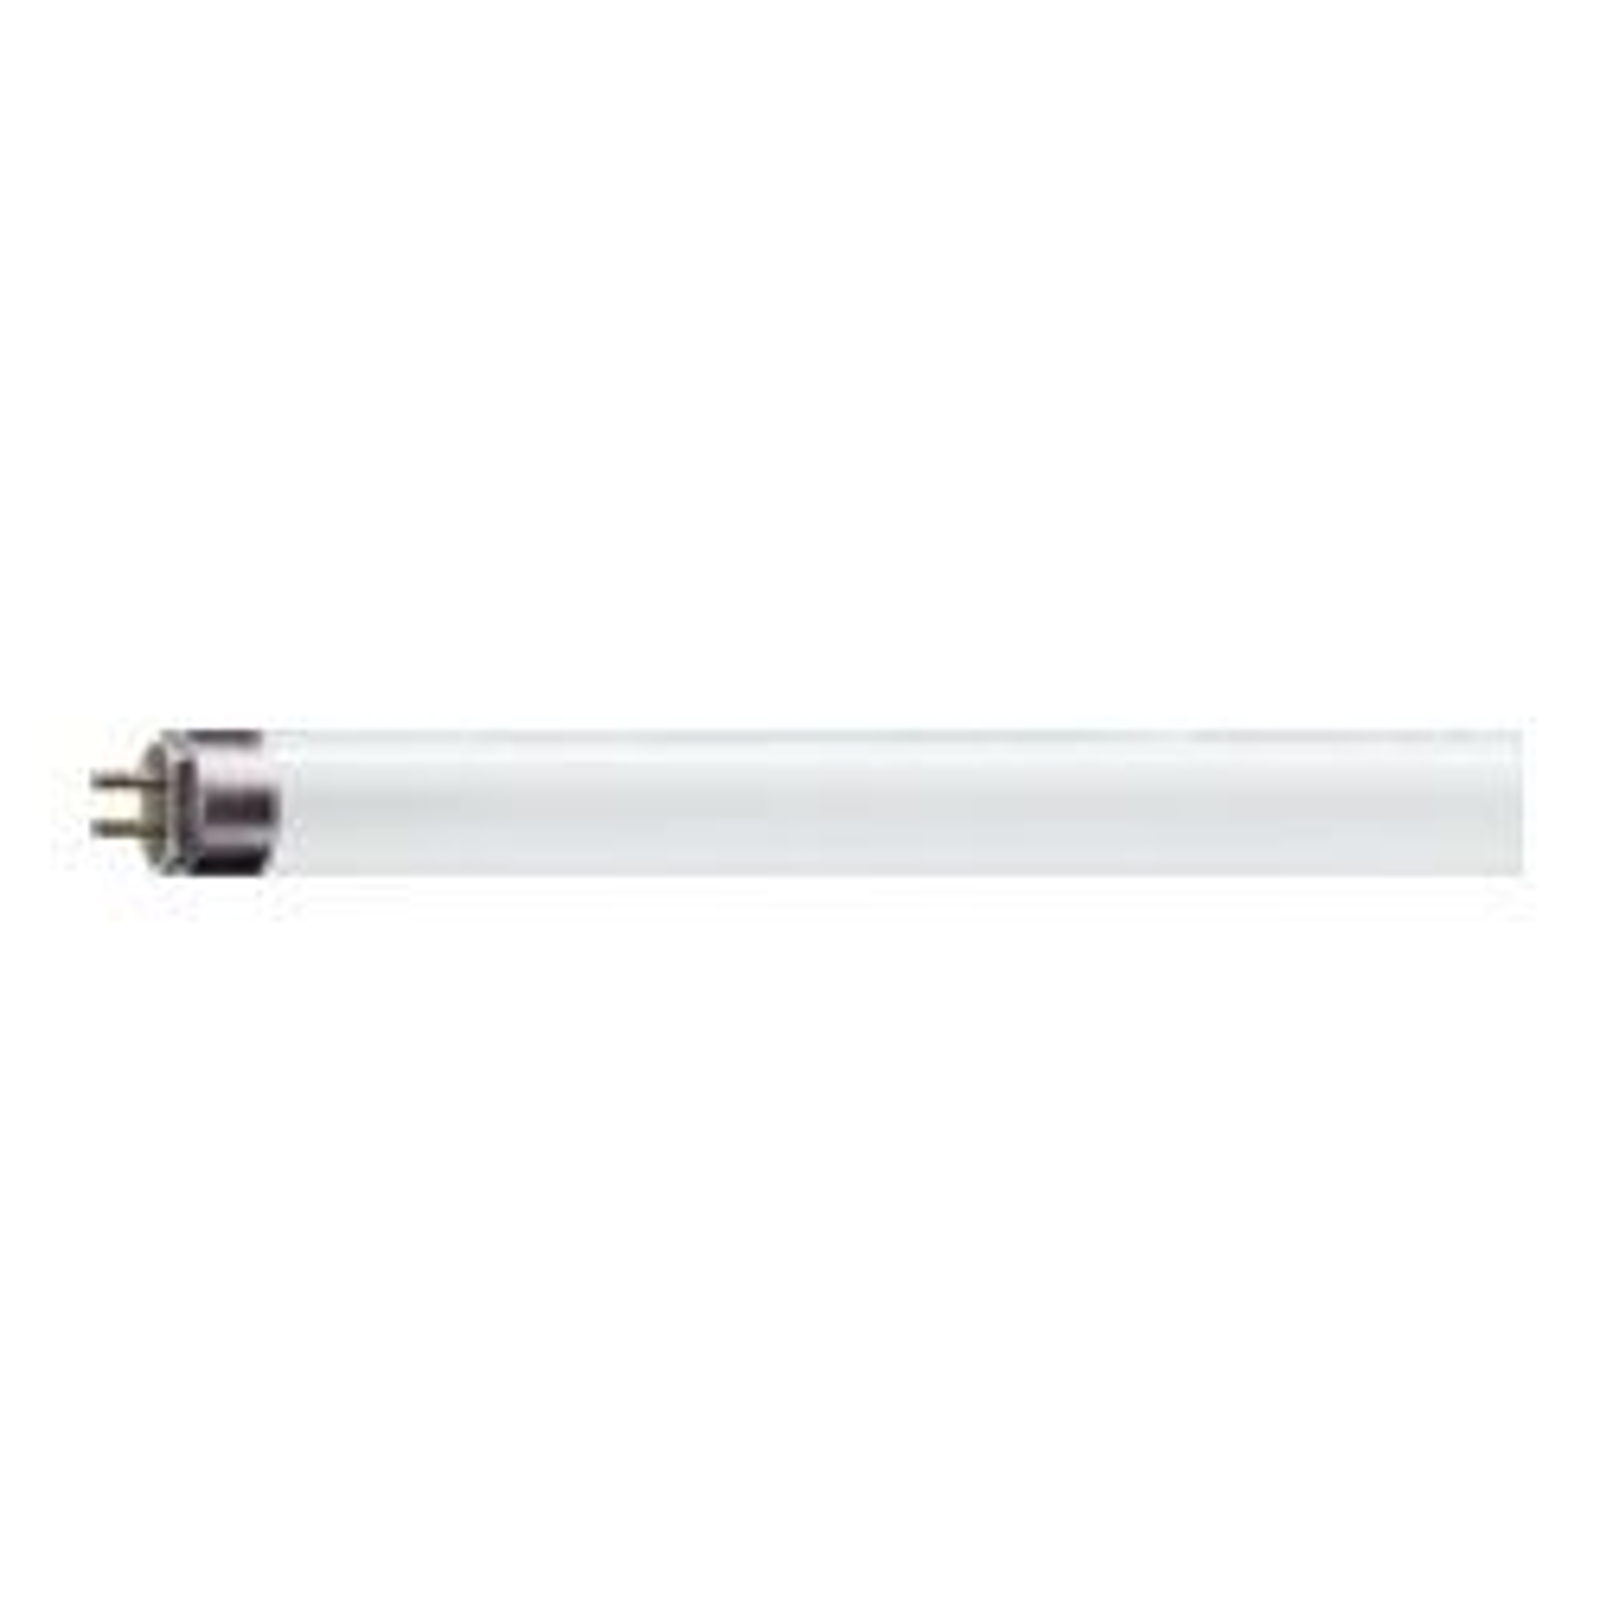 OSRAM G5 T5 Leuchtstoffröhre  930 8W